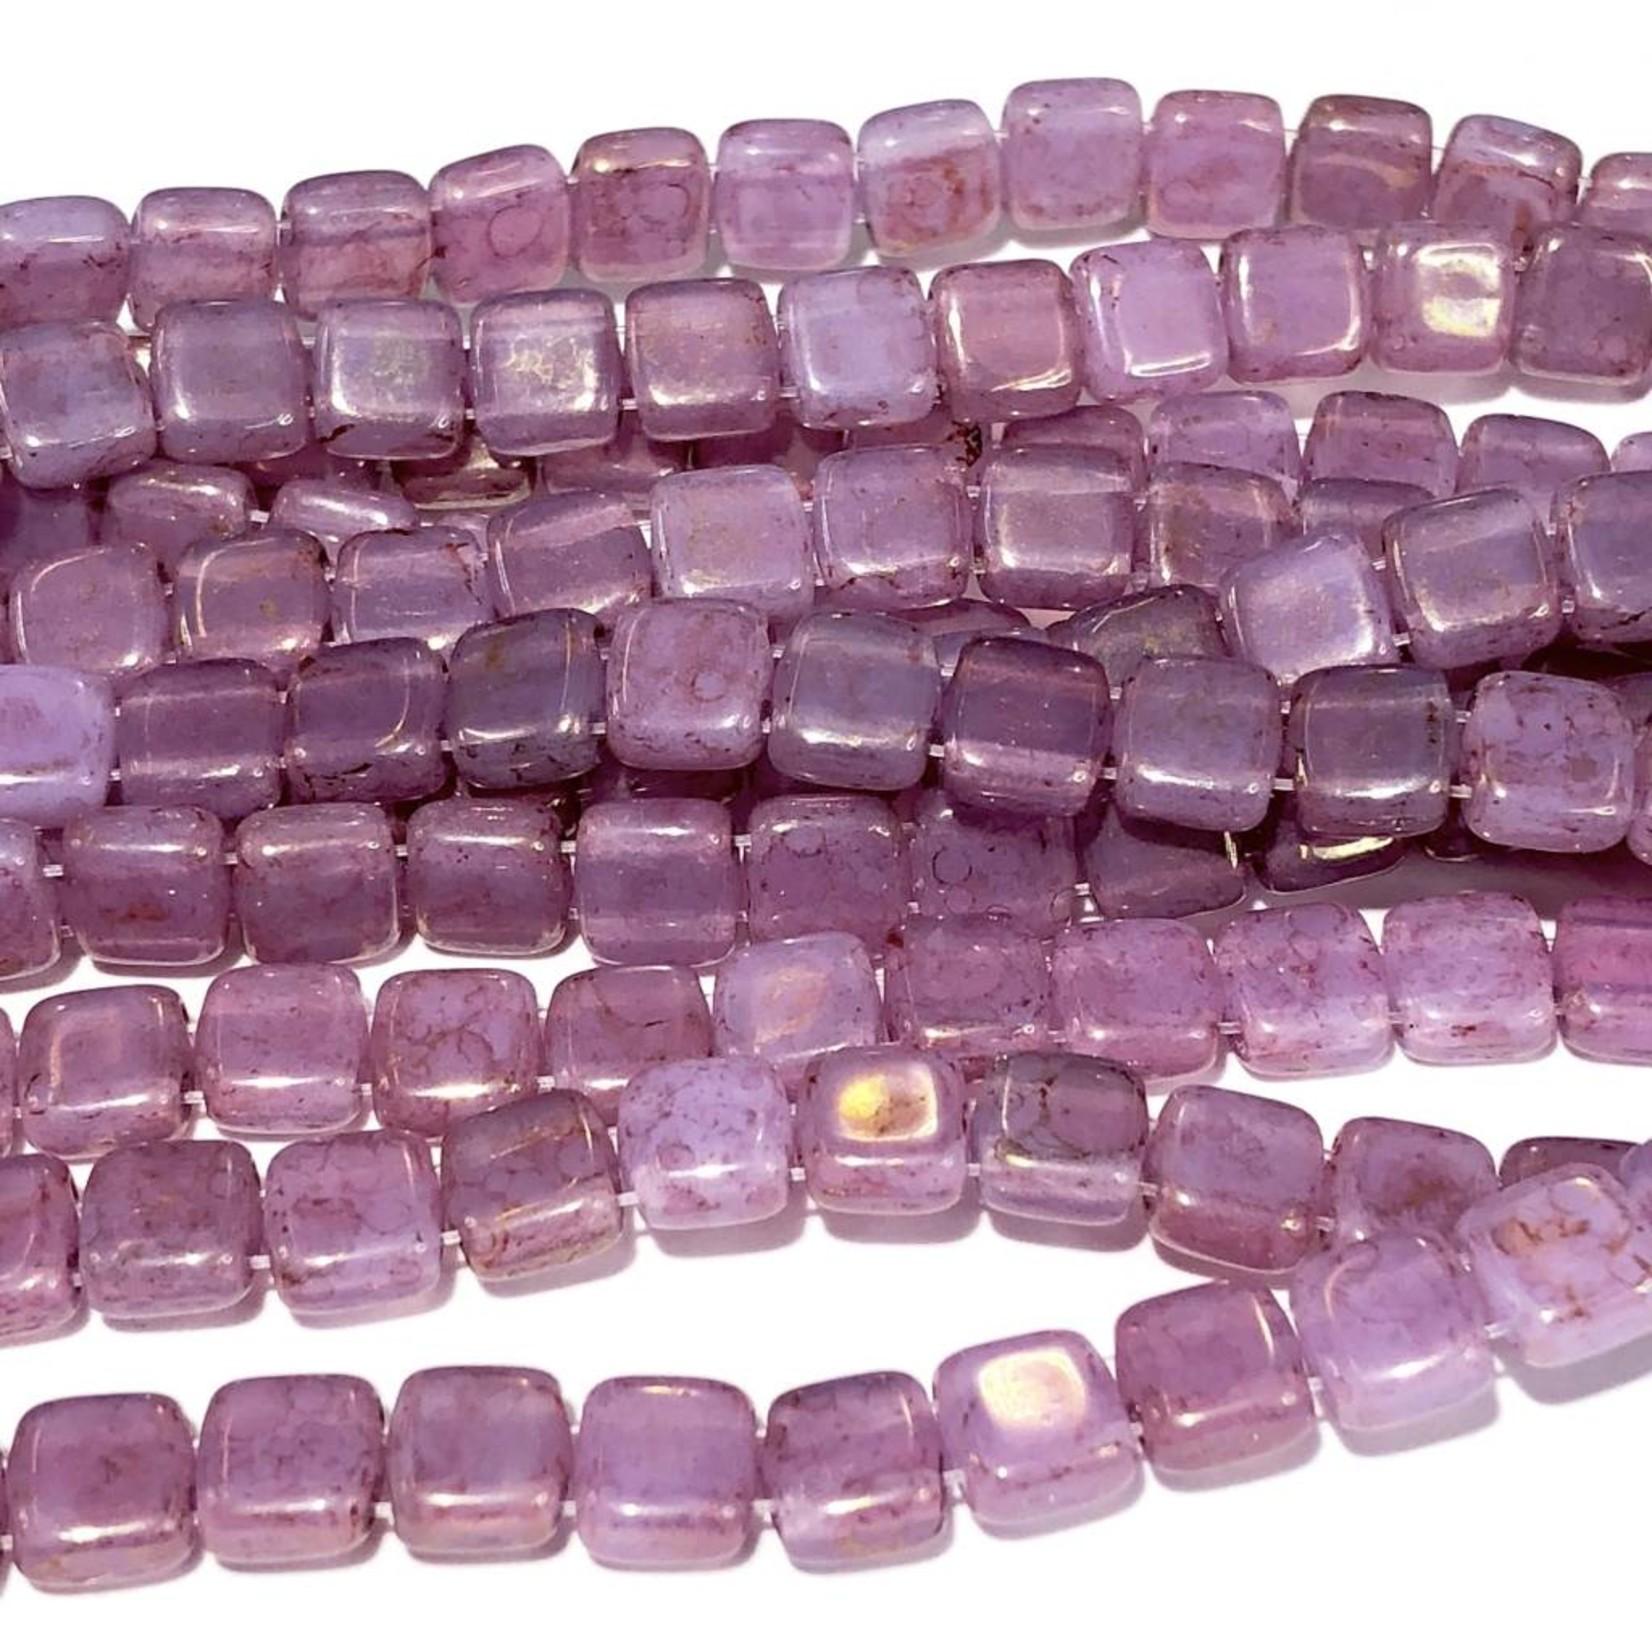 CzechMates CzechMates TILE Pink/Topaz Lstr Milky Alexandrite